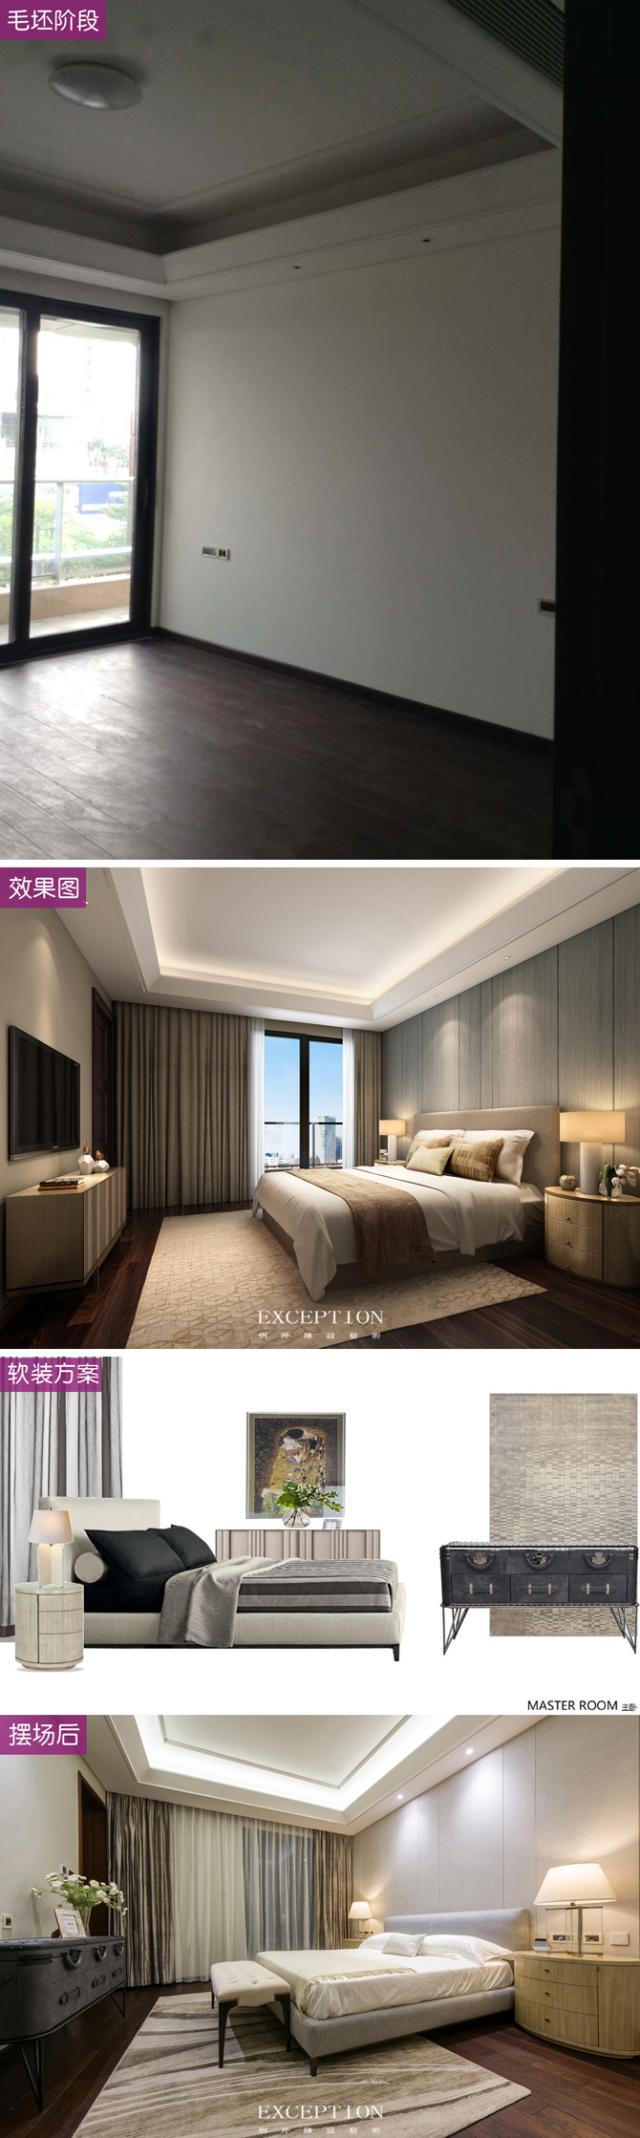 主卧前后对比图:-毅气风发--招商双玺豪宅软装设计全案第19张图片